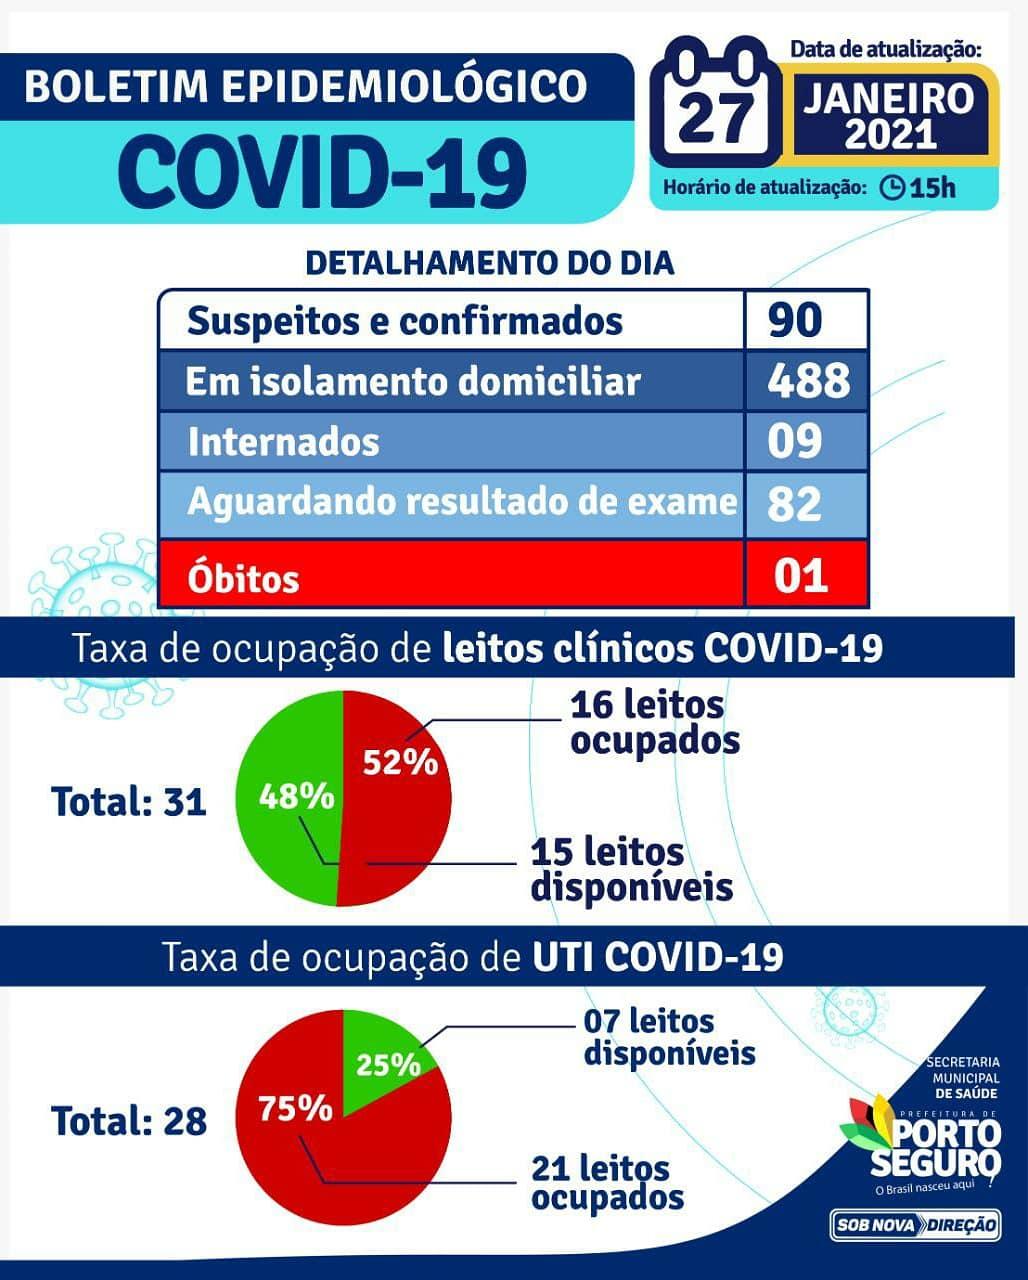 Porto Seguro: Boletim Epidemiológico Coronavírus (quarta feira) 27/01 24